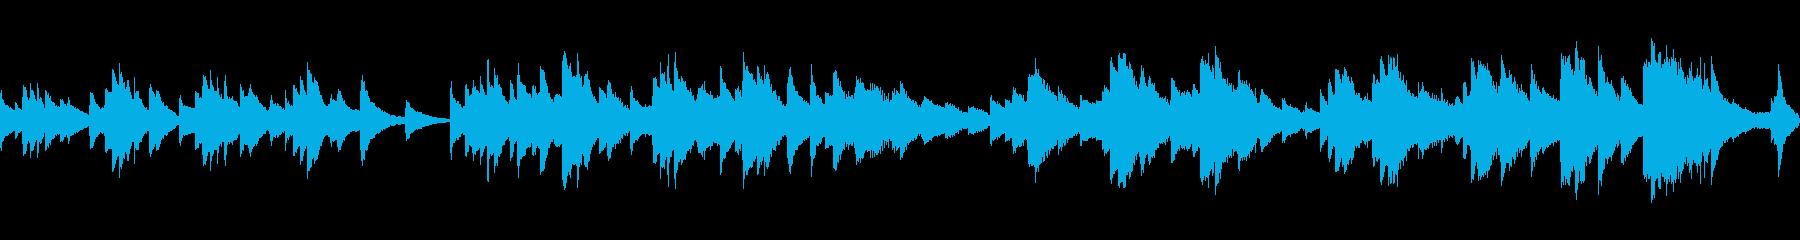 天気予報で流れてそうなループ曲の再生済みの波形